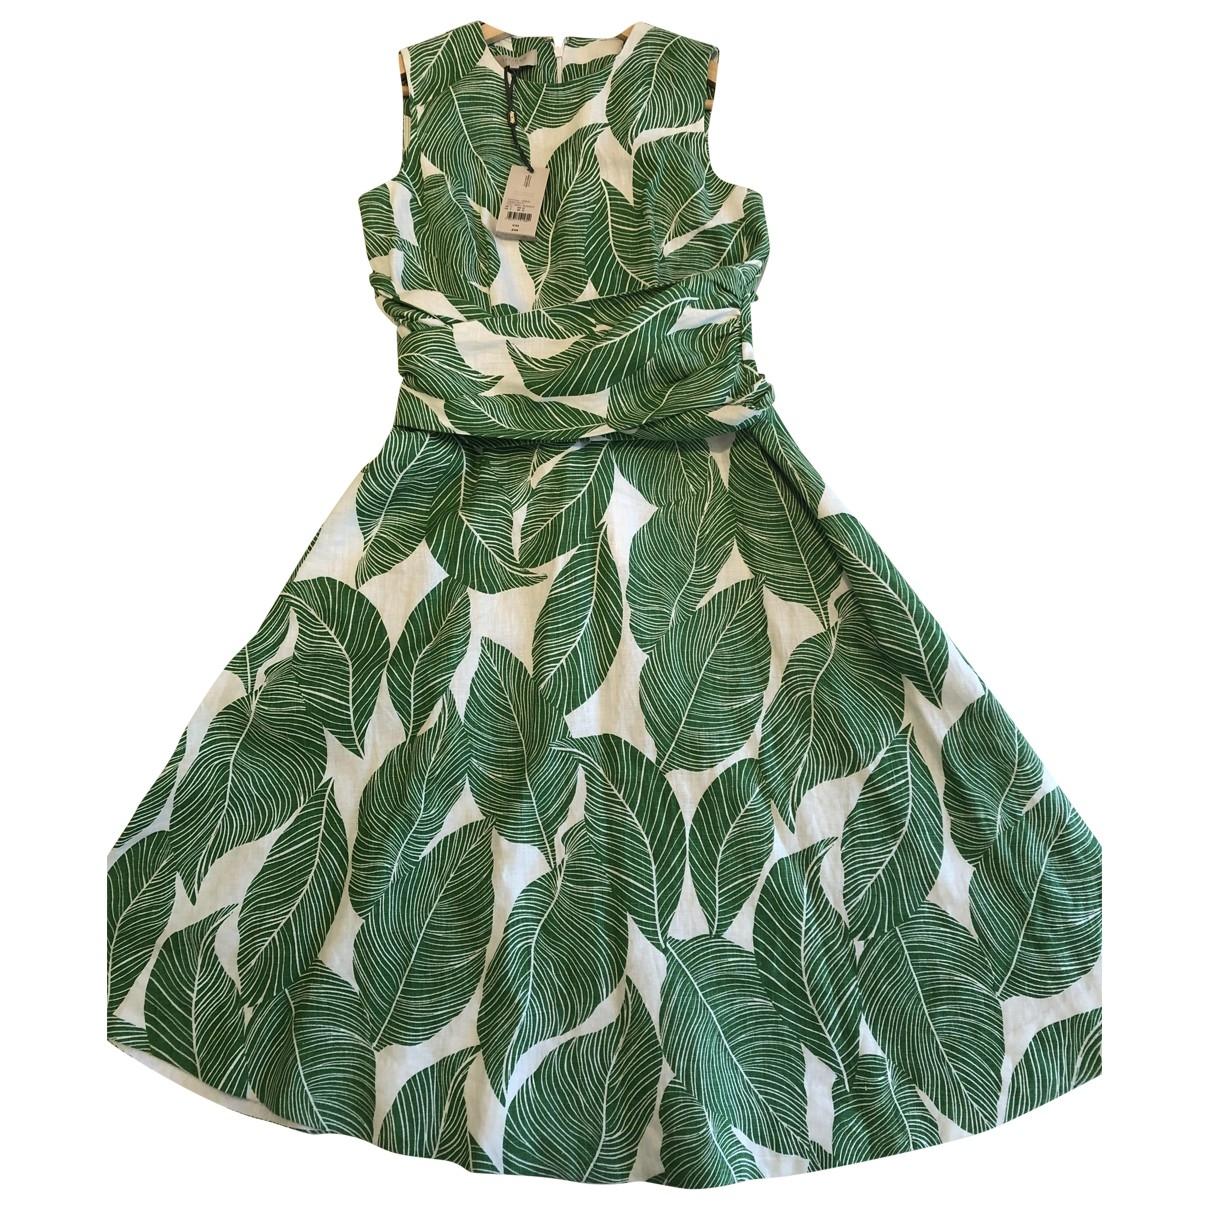 Hobbs \N Green Linen dress for Women 10 UK